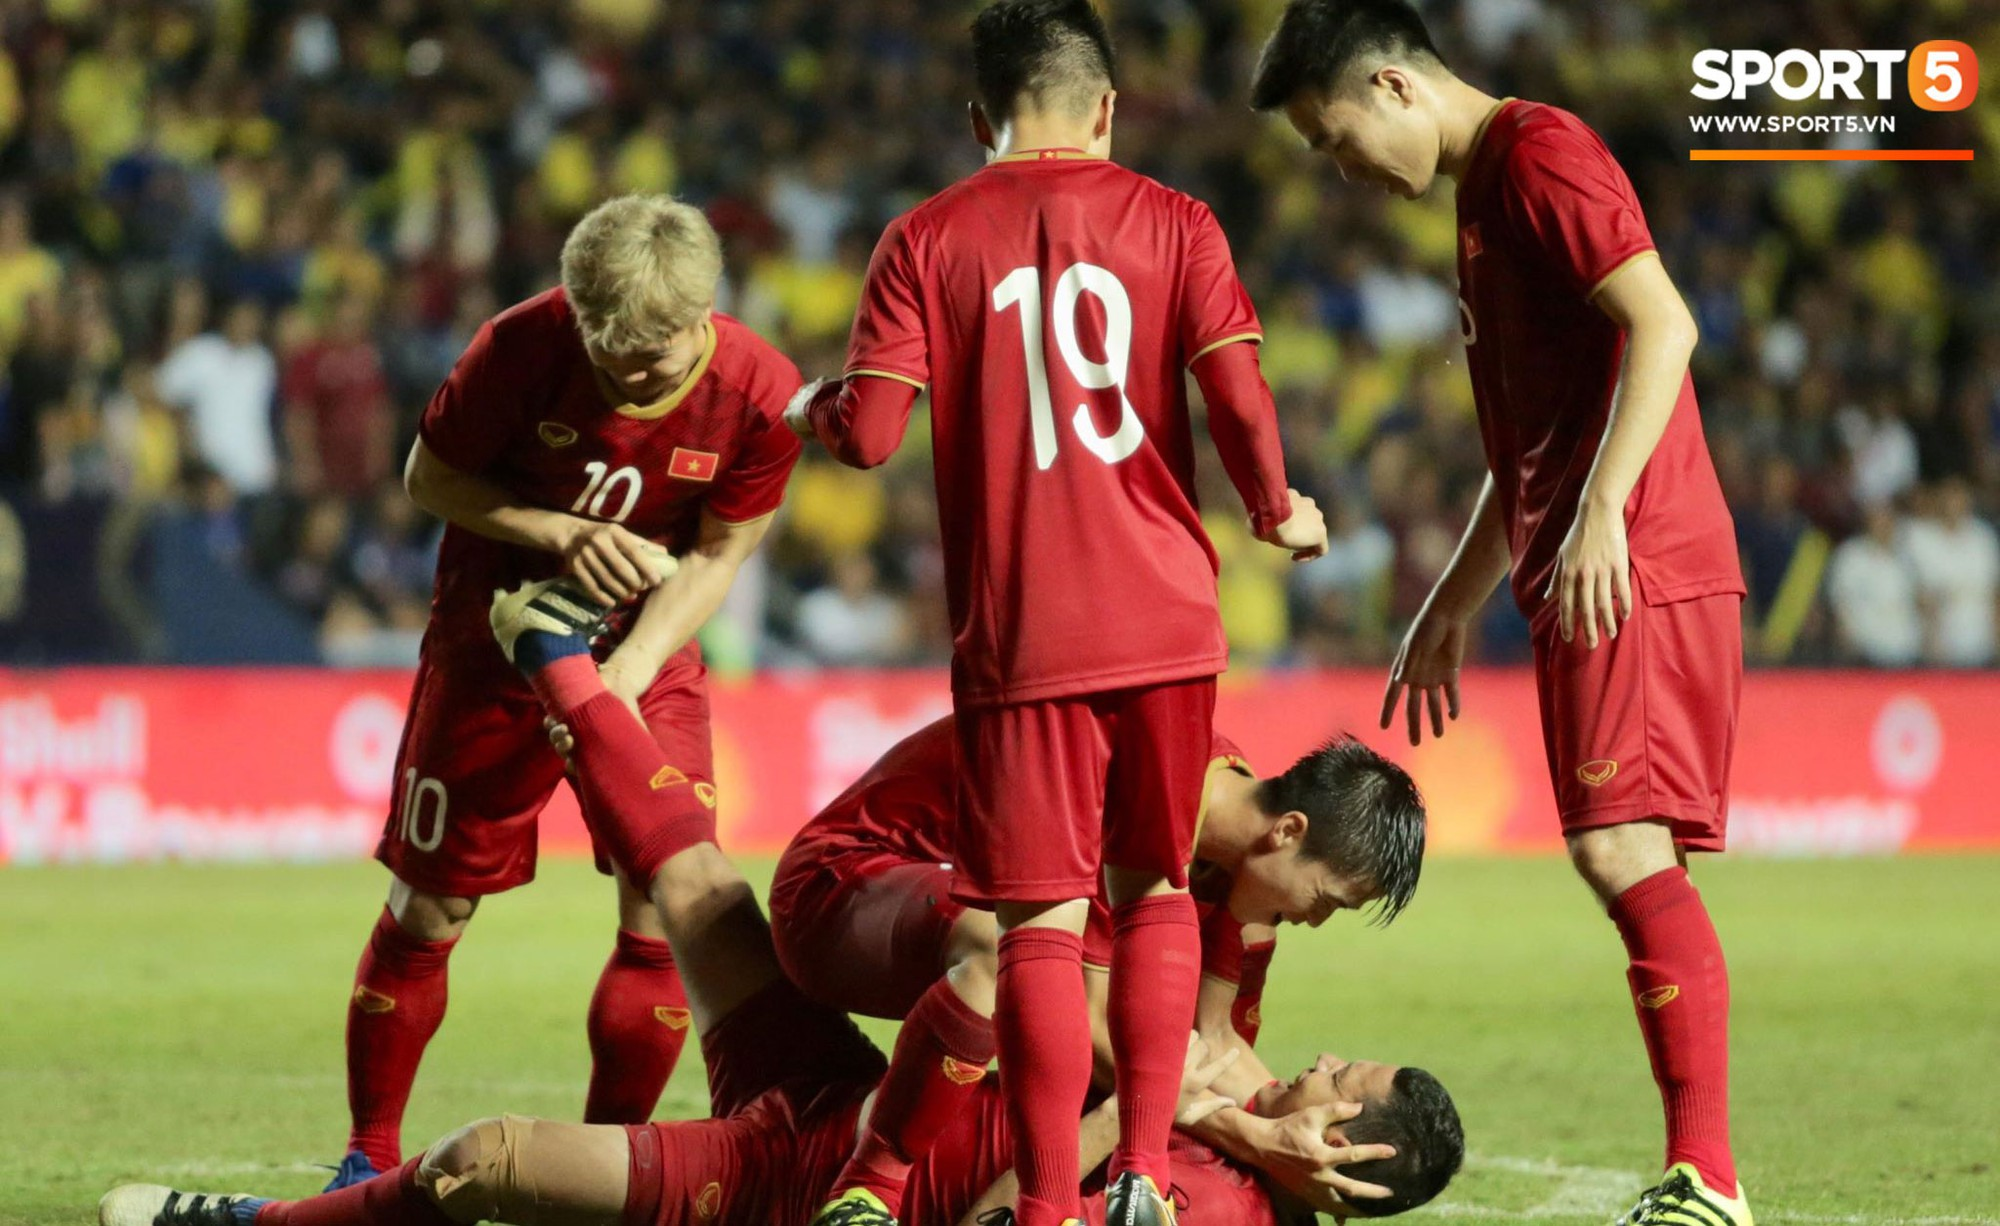 Anh Đức gục ngã đau đớn sau pha ghi bàn vào lưới Thái Lan nhưng vẫn kịp nở nụ cười mãn nguyện - Ảnh 4.